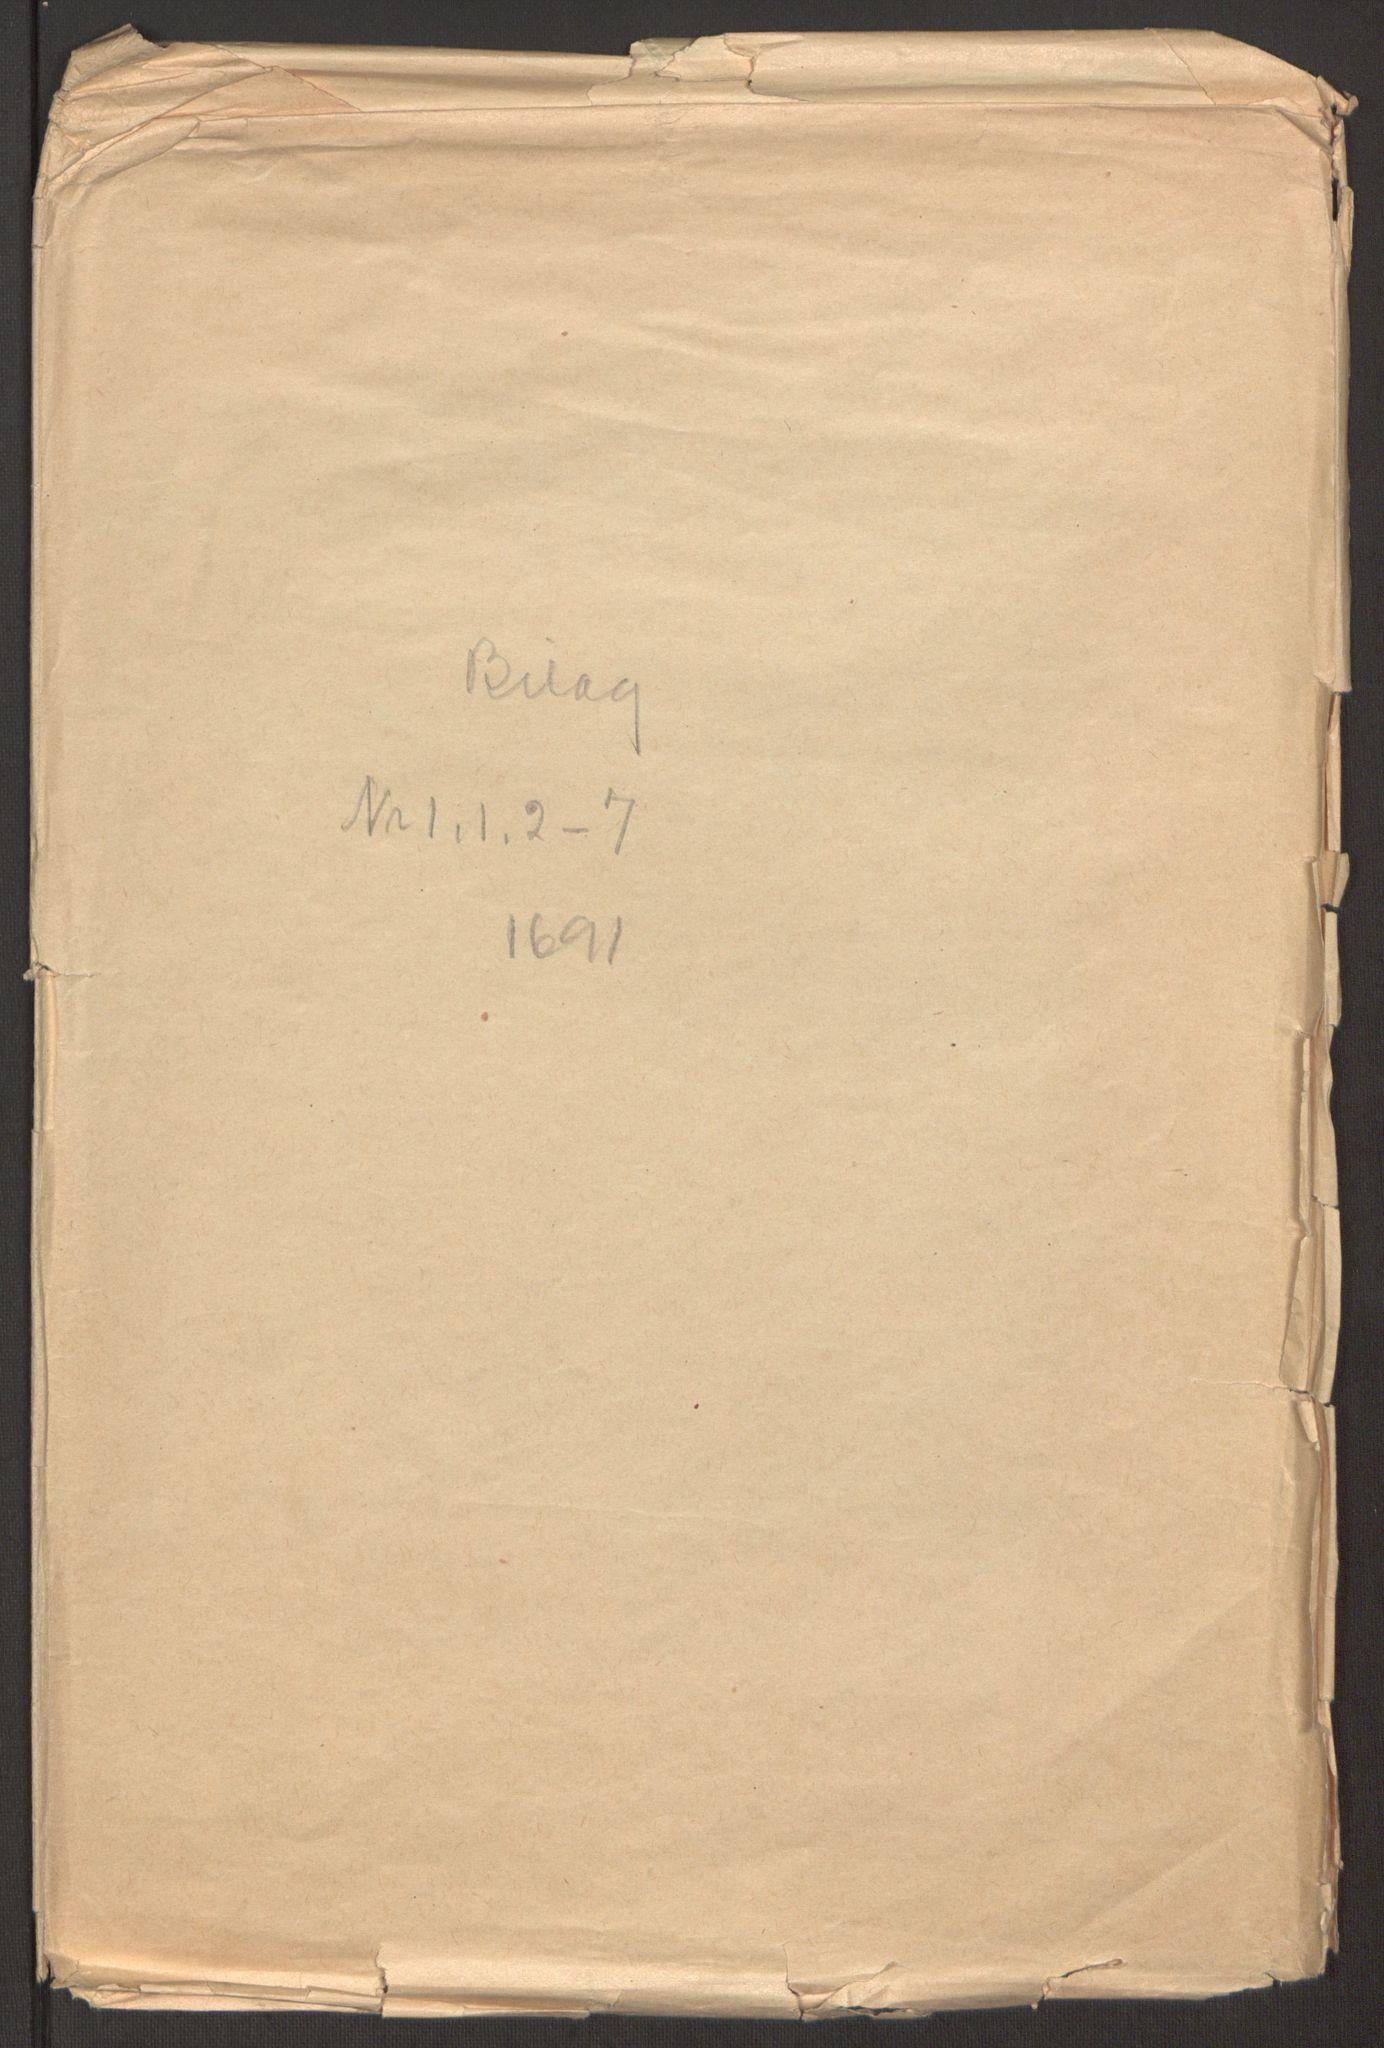 RA, Rentekammeret inntil 1814, Reviderte regnskaper, Fogderegnskap, R51/L3181: Fogderegnskap Nordhordland og Voss, 1691-1692, s. 170